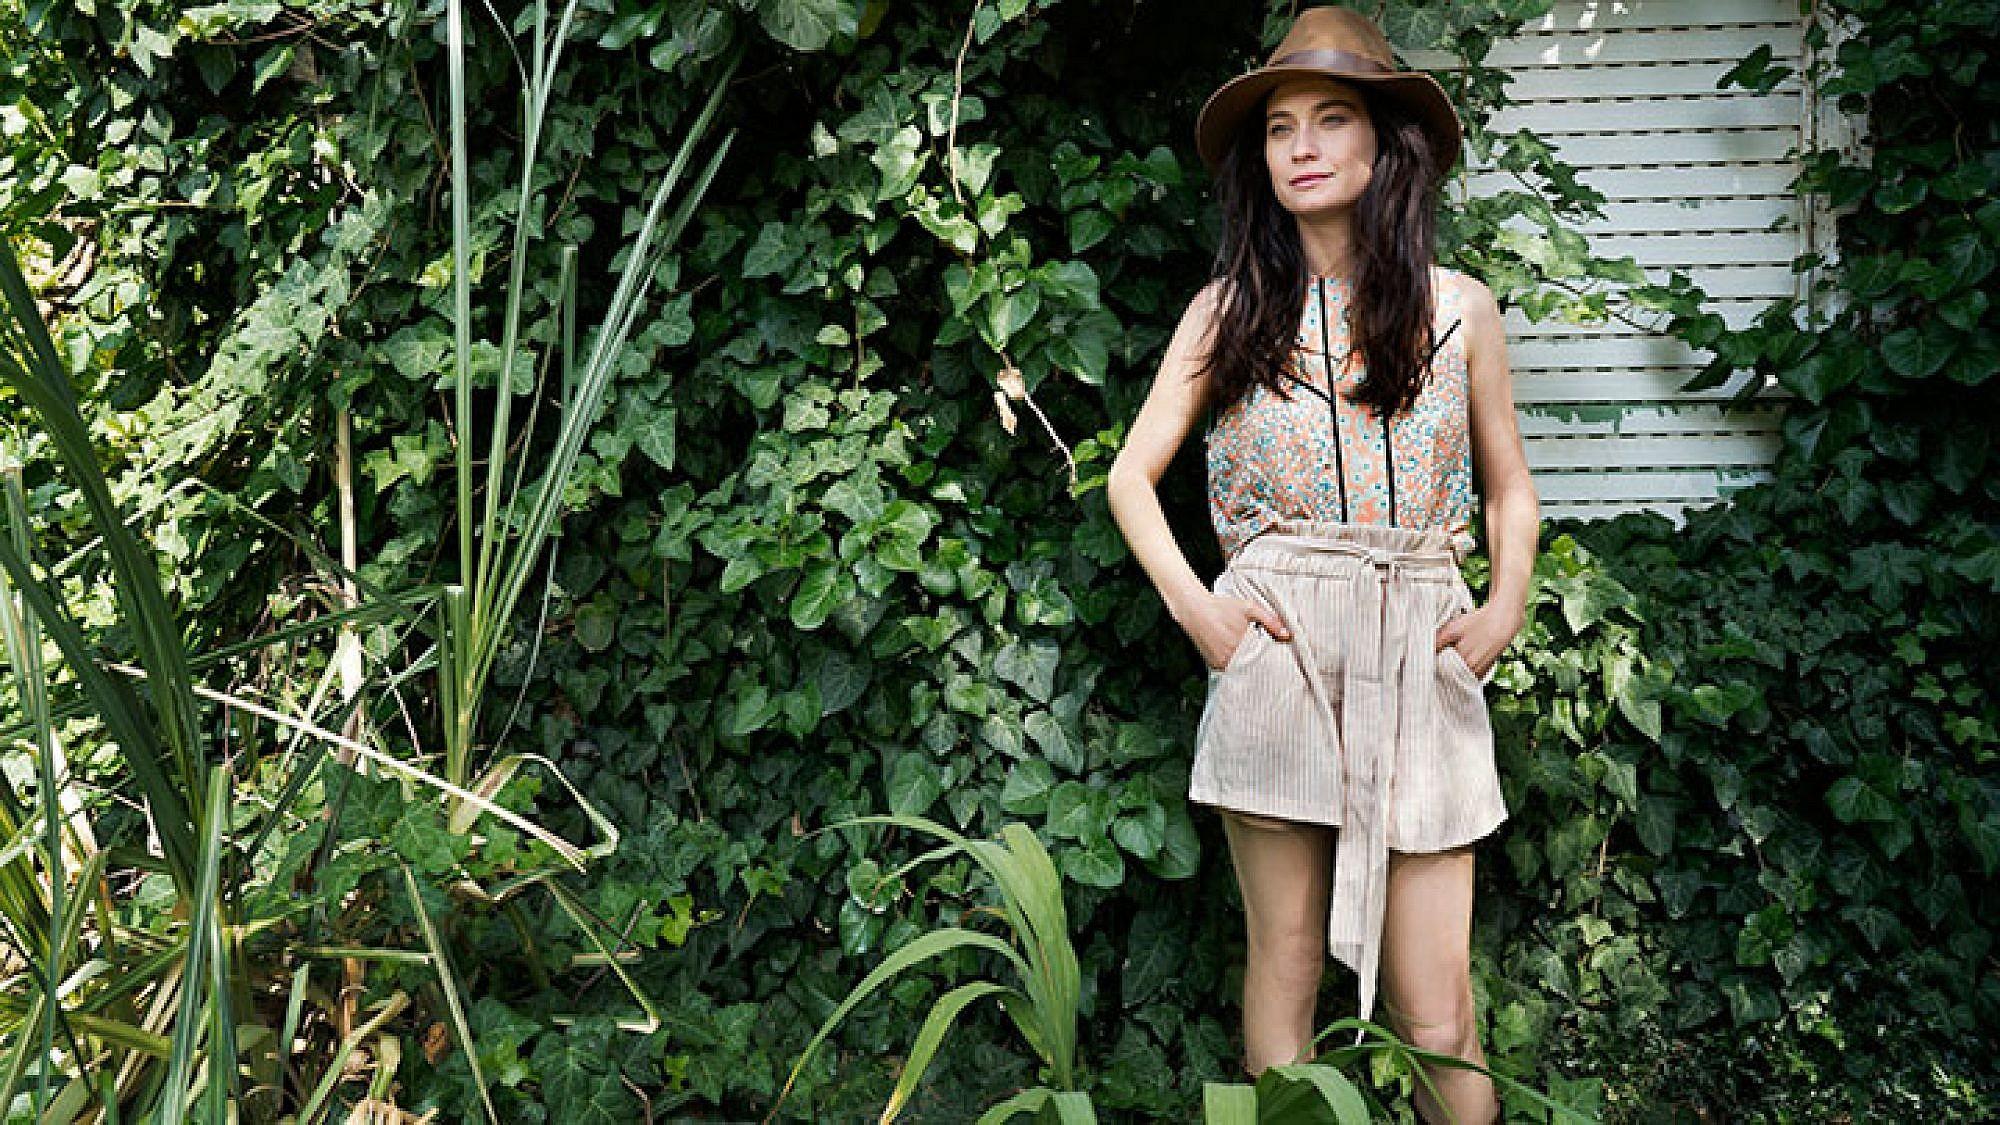 """""""התווית של פושטת רגל היא מאוד לא נעימה, אבל אני לא מרגישה לוזרית"""". לוסי דובינצ'יק   גופייה סבינה  מכנסיים מנגו  כובע H&M  מגפיים אוסף פרטי   צילום: רון קדמי"""